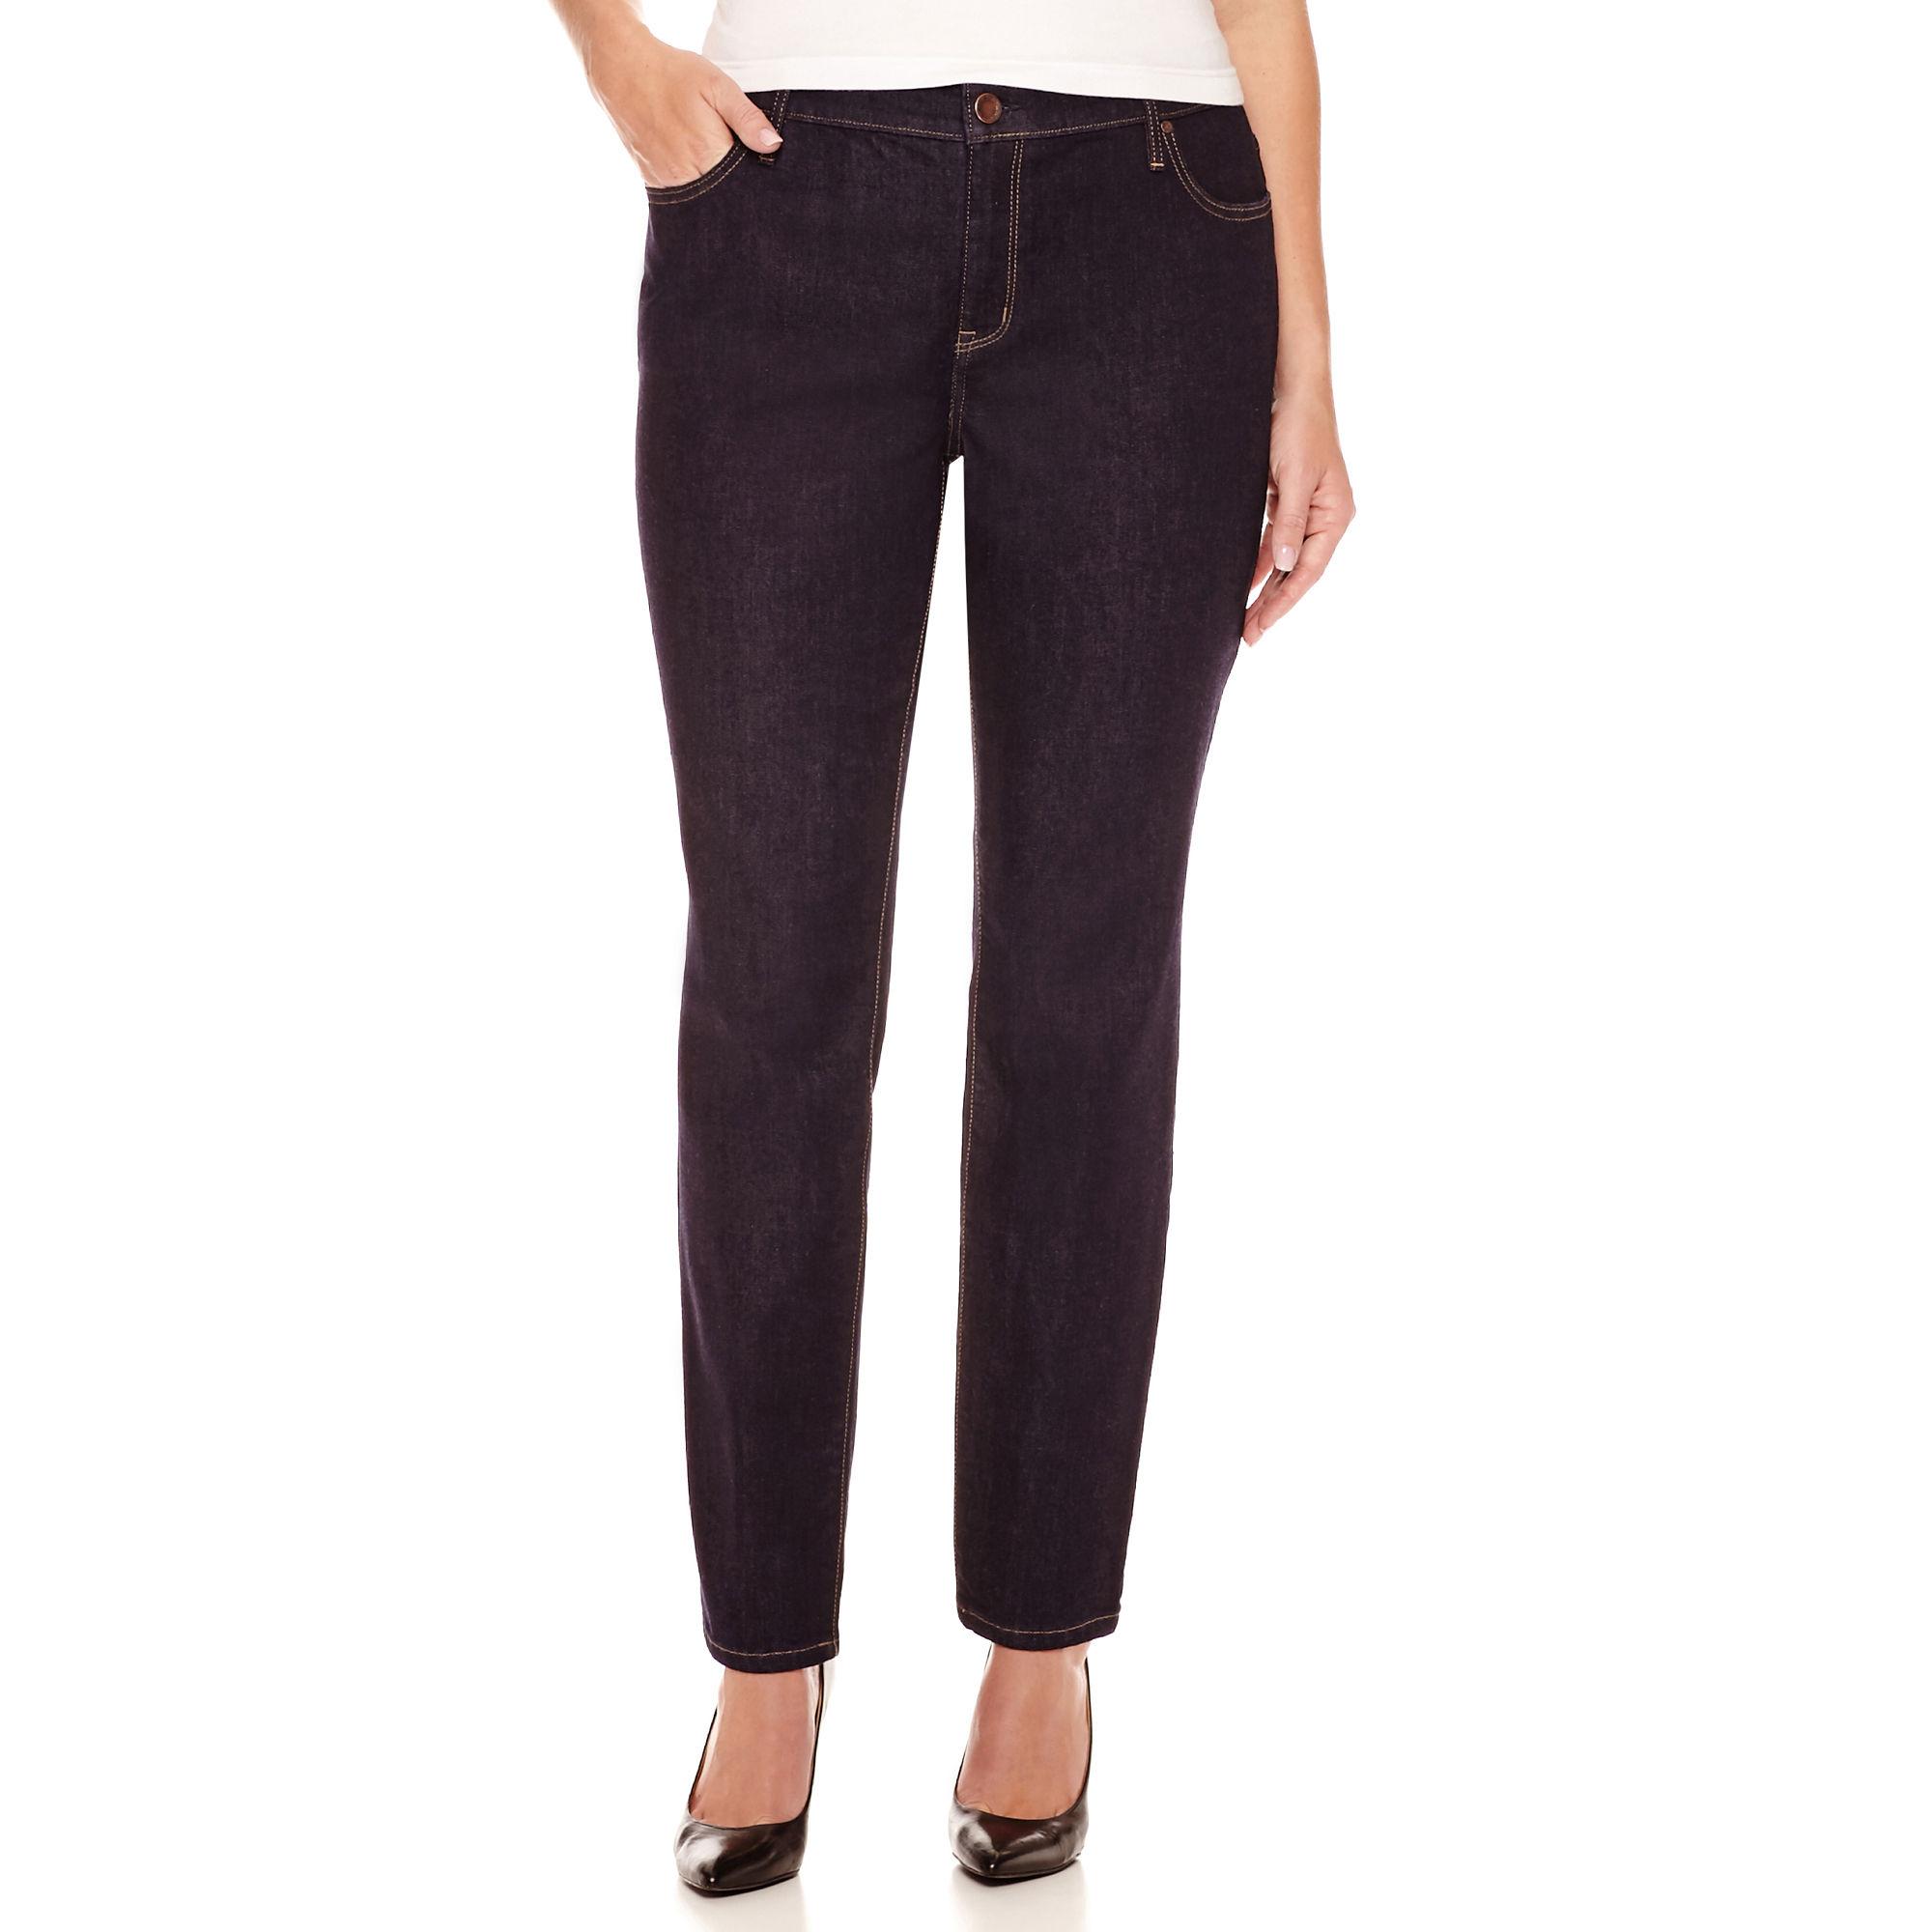 a.n.a Skinny Jeans - Plus